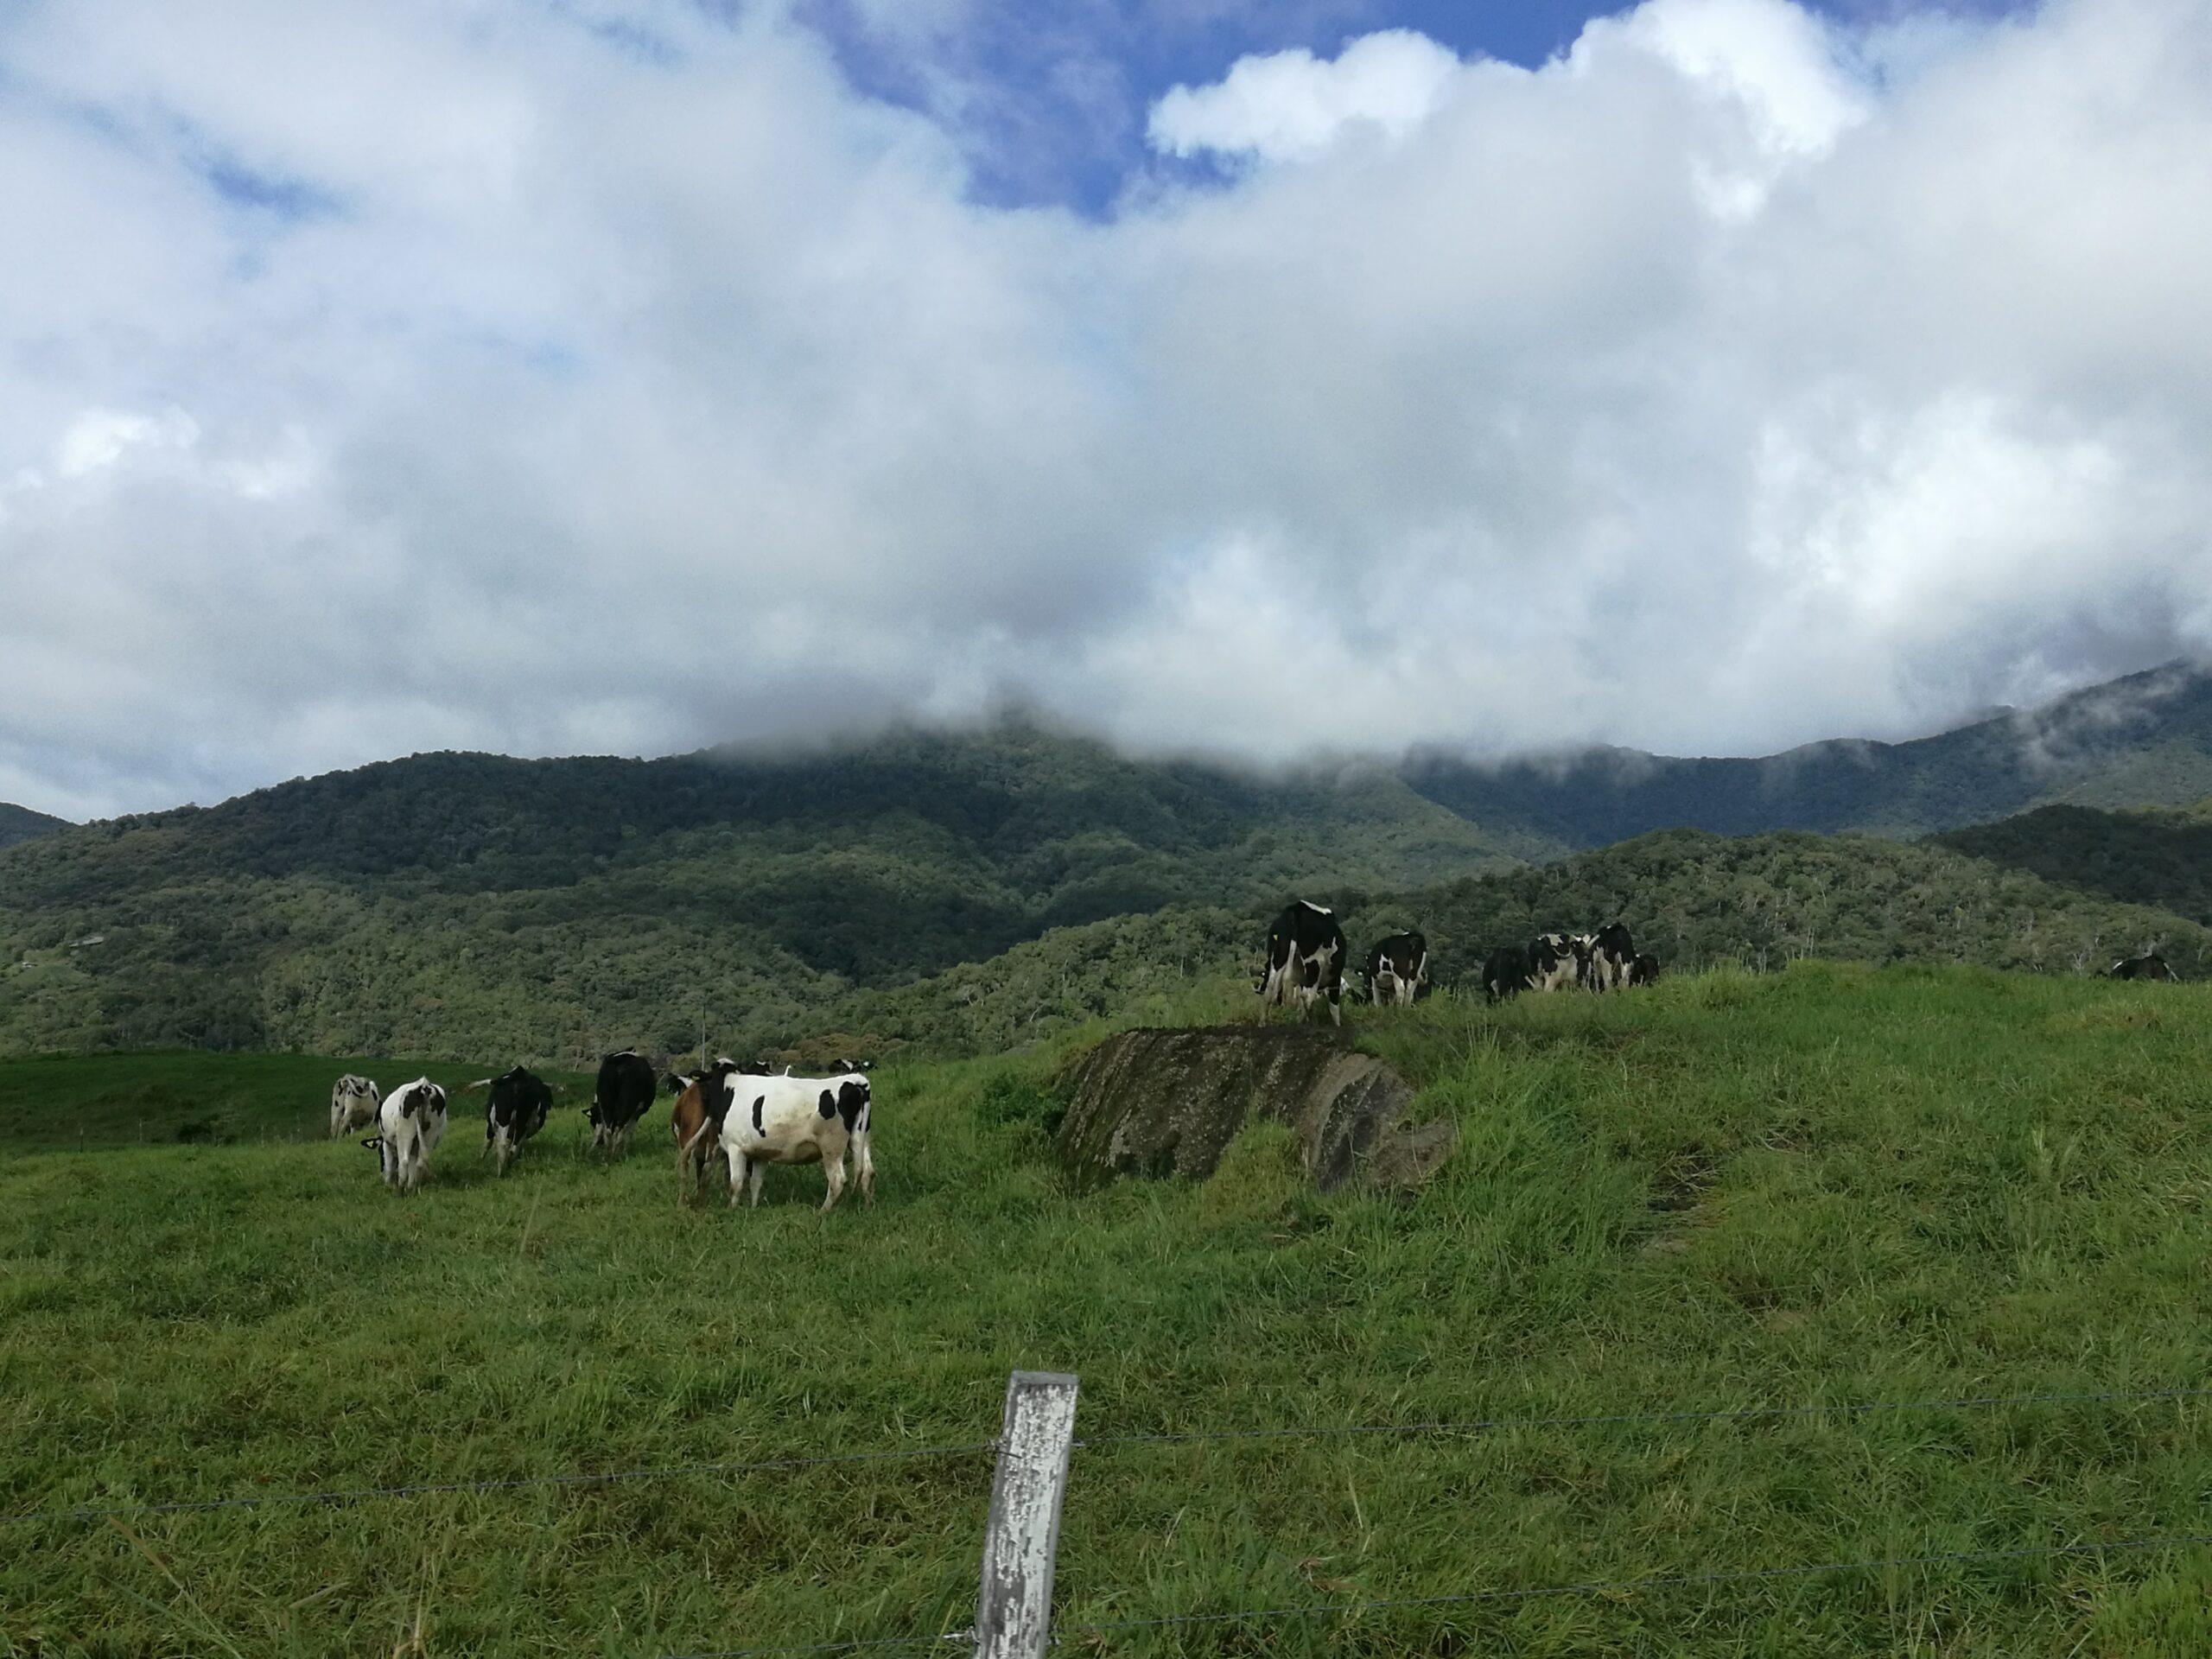 Moo Moo green pasture